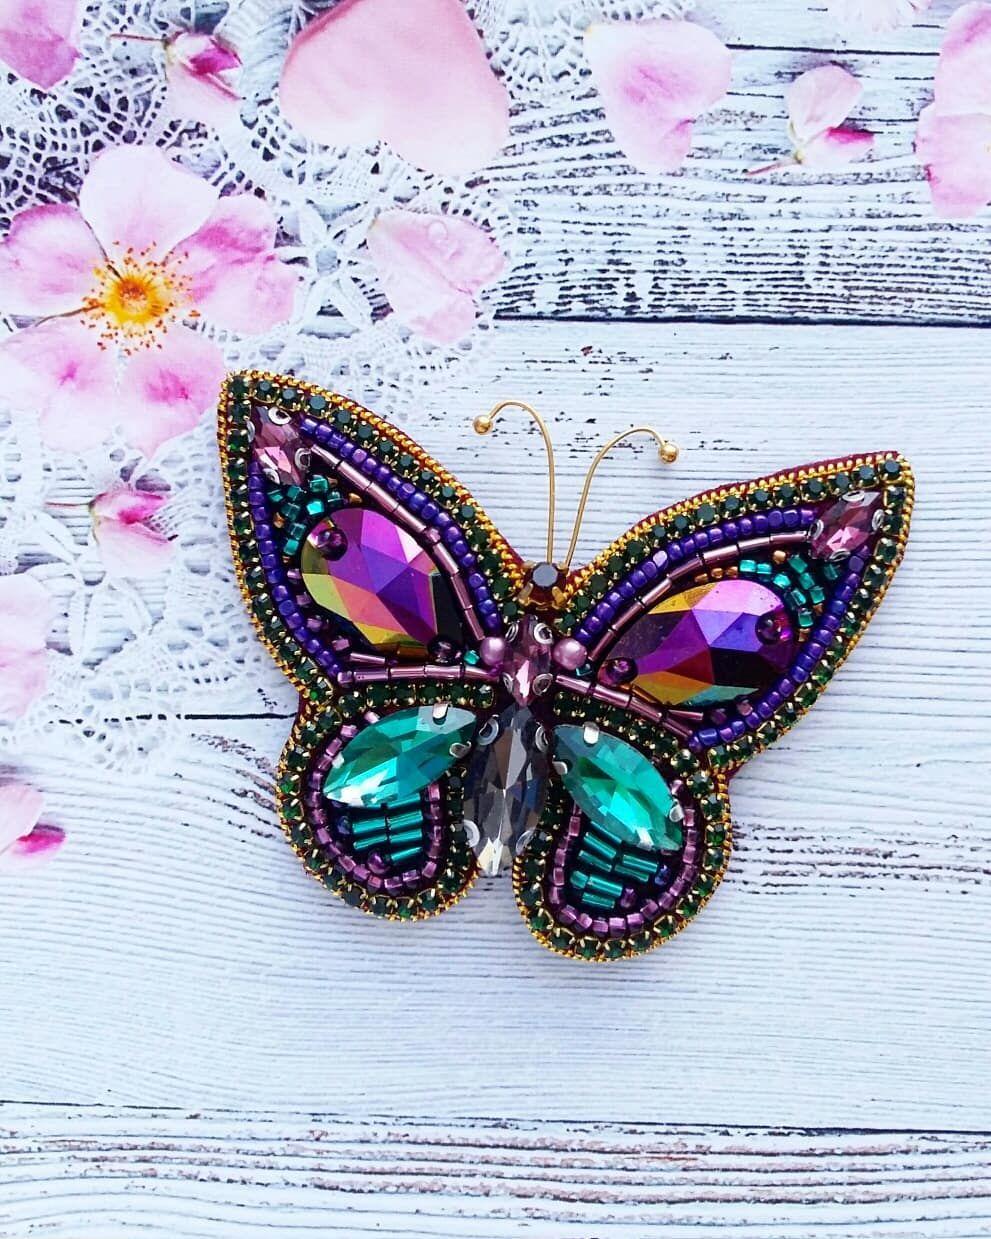 Я влюбилась в эту бабочку 😍🌼 она будто из сказки прилетела ...